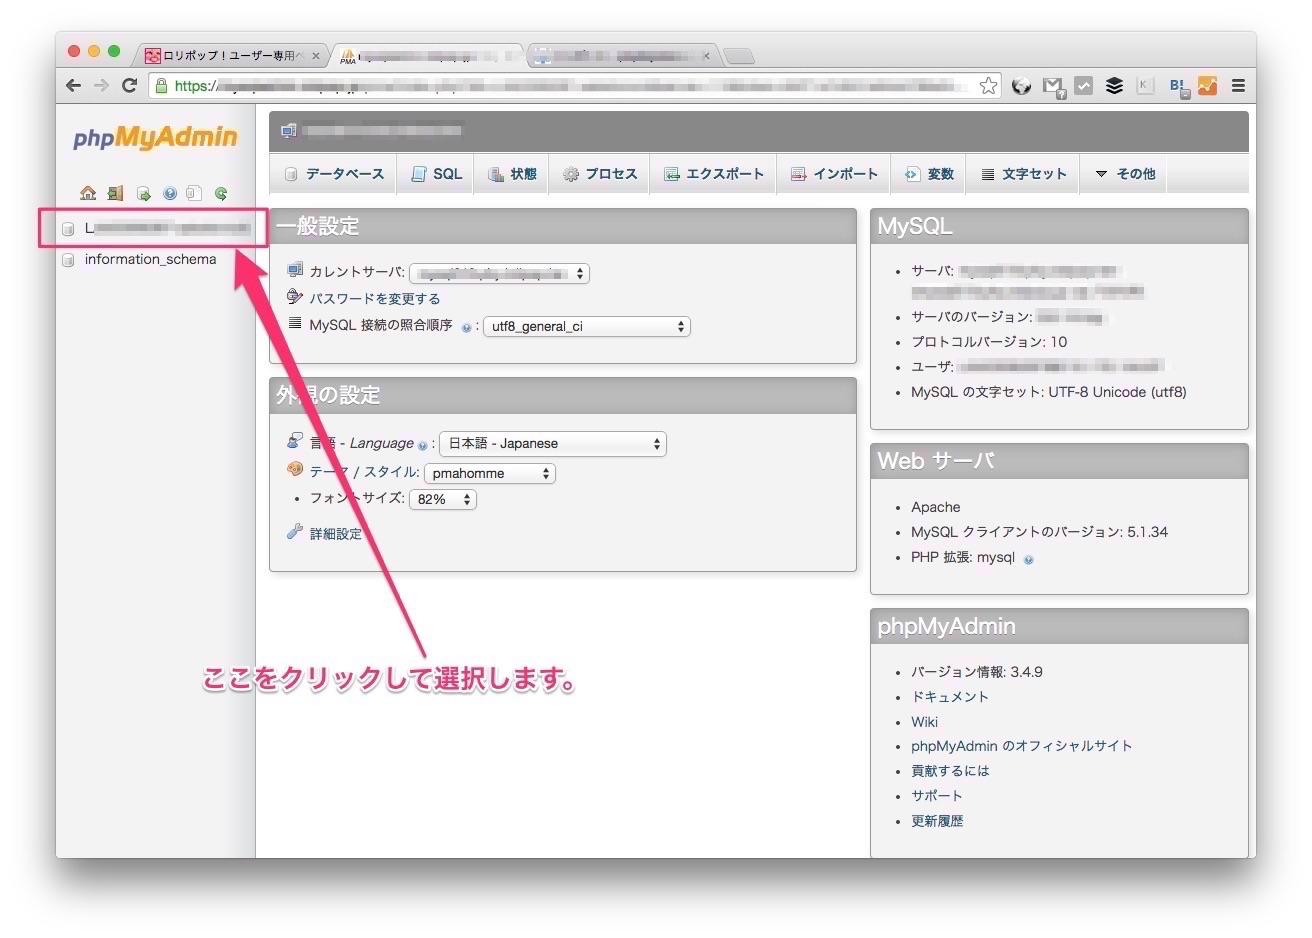 左に表示されているインポートするデータベース名をクリック